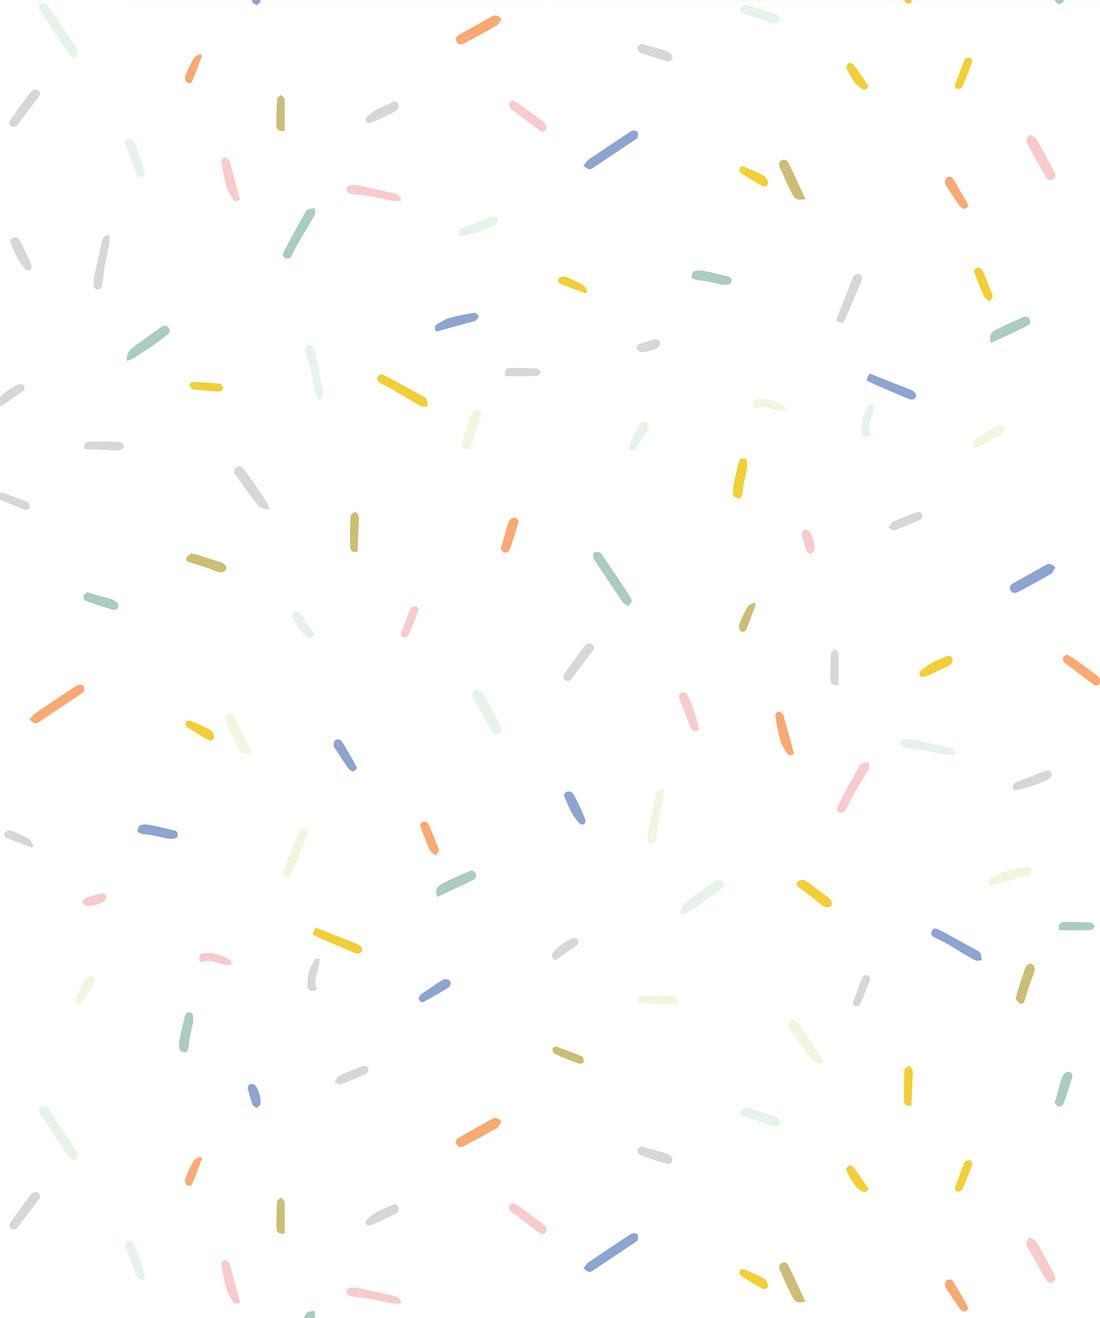 Confetti Wallpaper (MM)